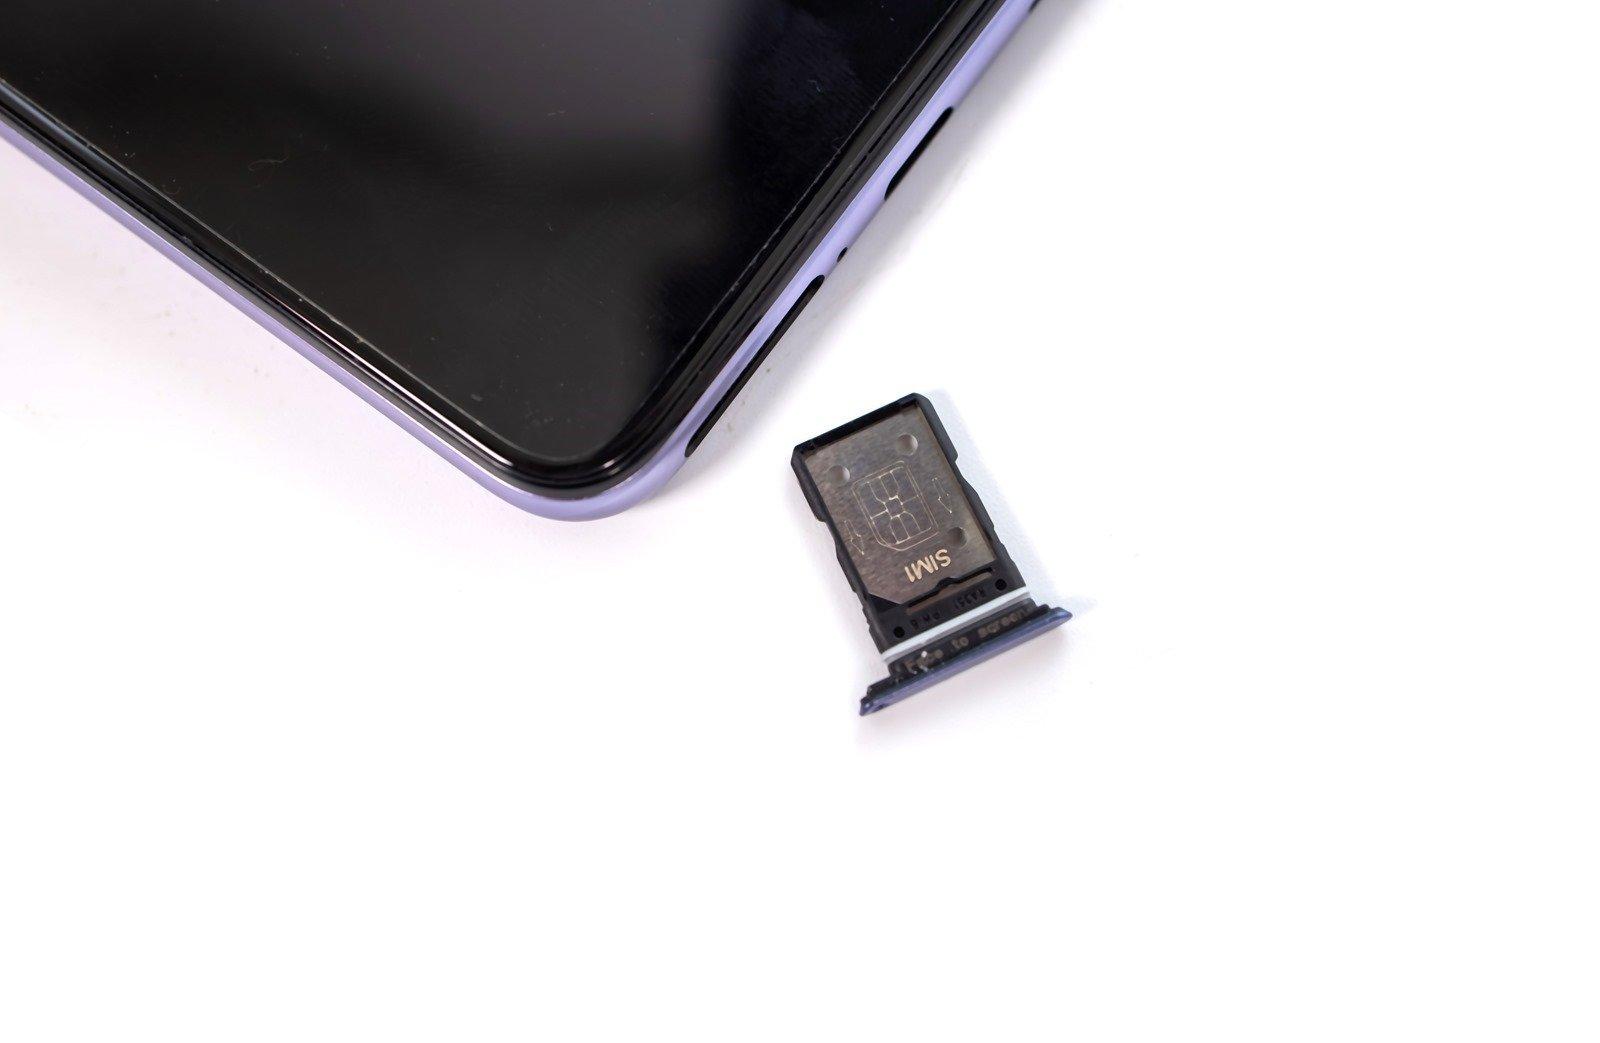 台灣首款天璣 1000+處理器手機 realme X7 Pro 上市!超越高通 S855+ 性價比新神機完整評測 @3C 達人廖阿輝